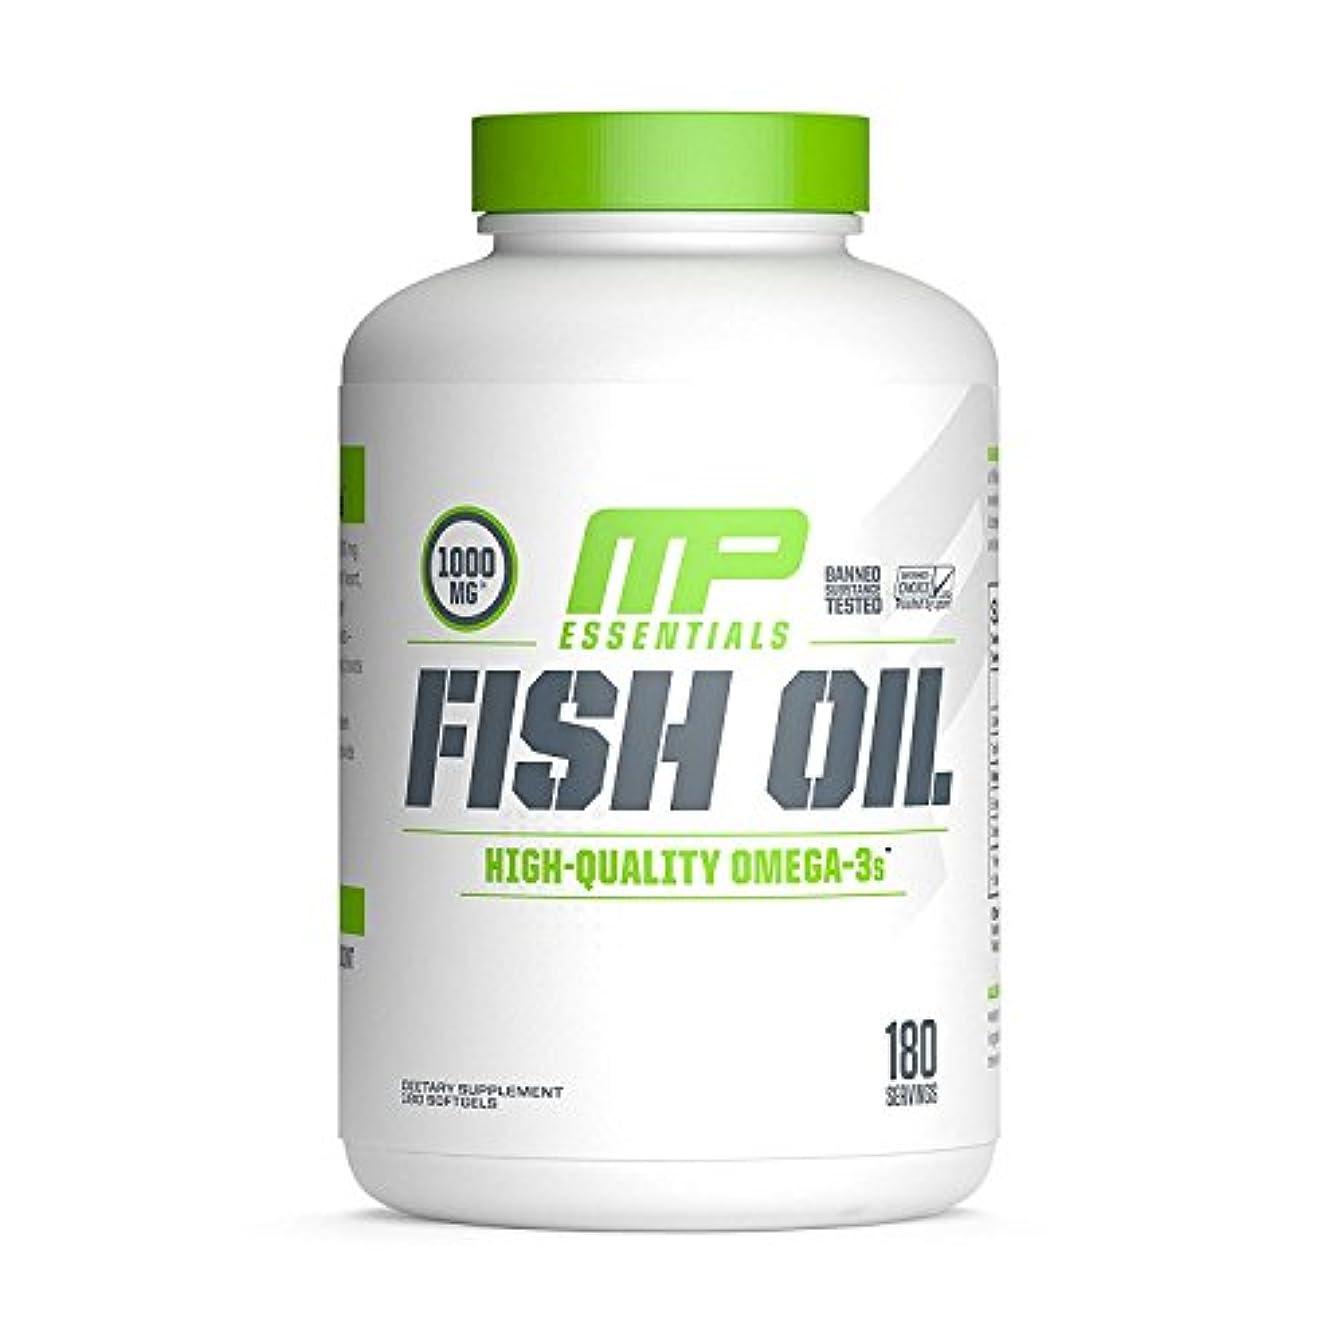 タヒチ突き刺すミリメーター海外直送品 MusclePharm, Fish Oil Essentials 180 Servings [並行輸入品]